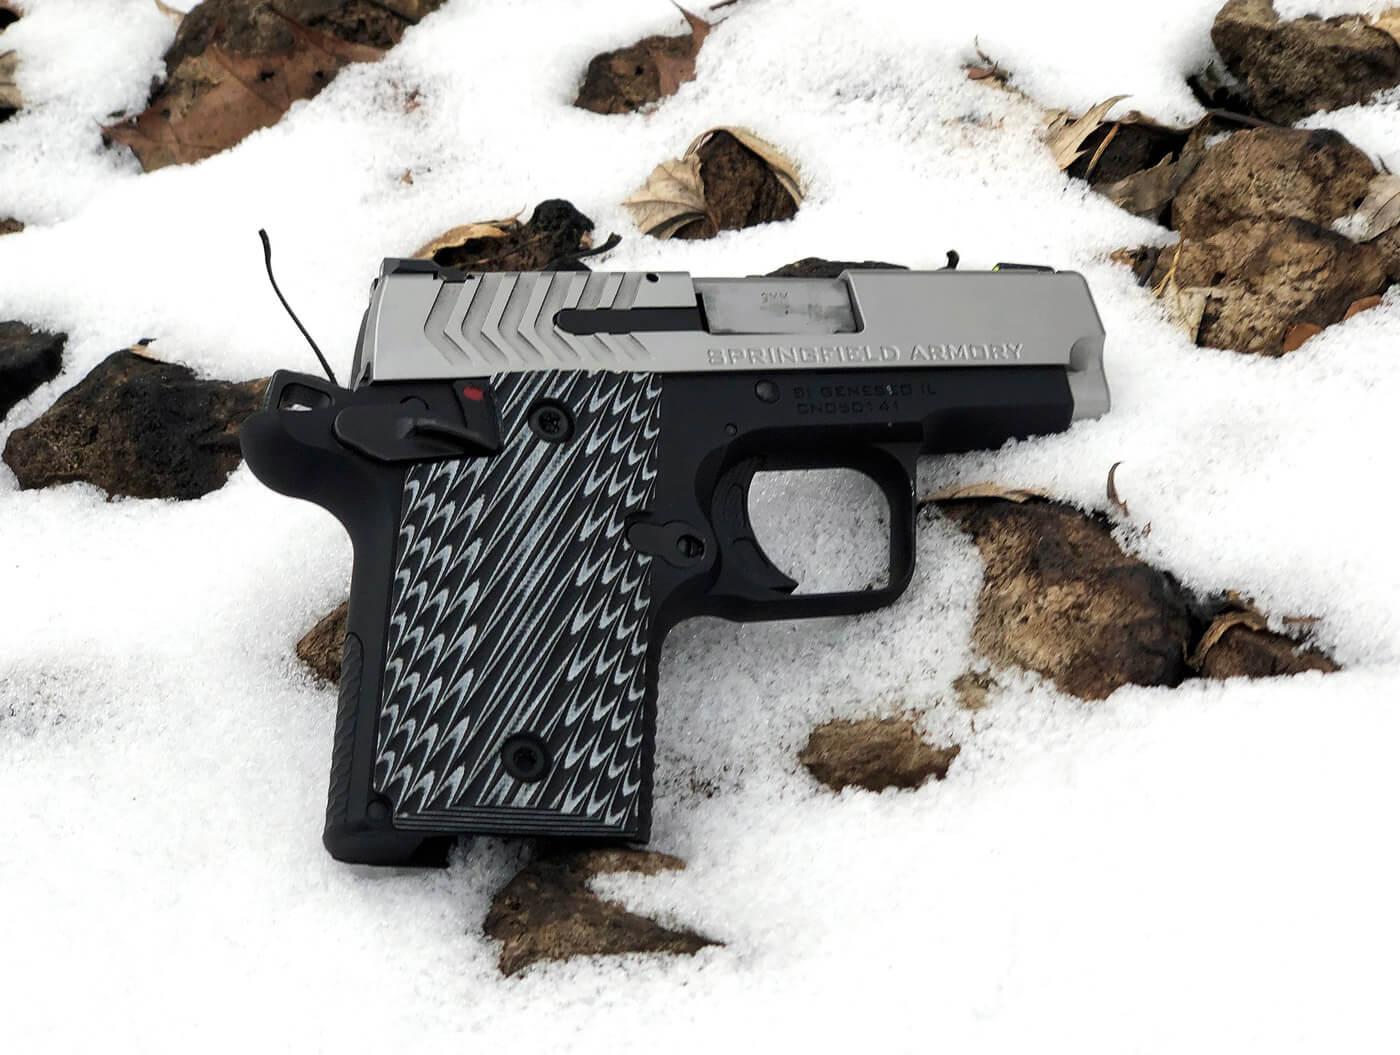 Springfield Armory 911 on snow